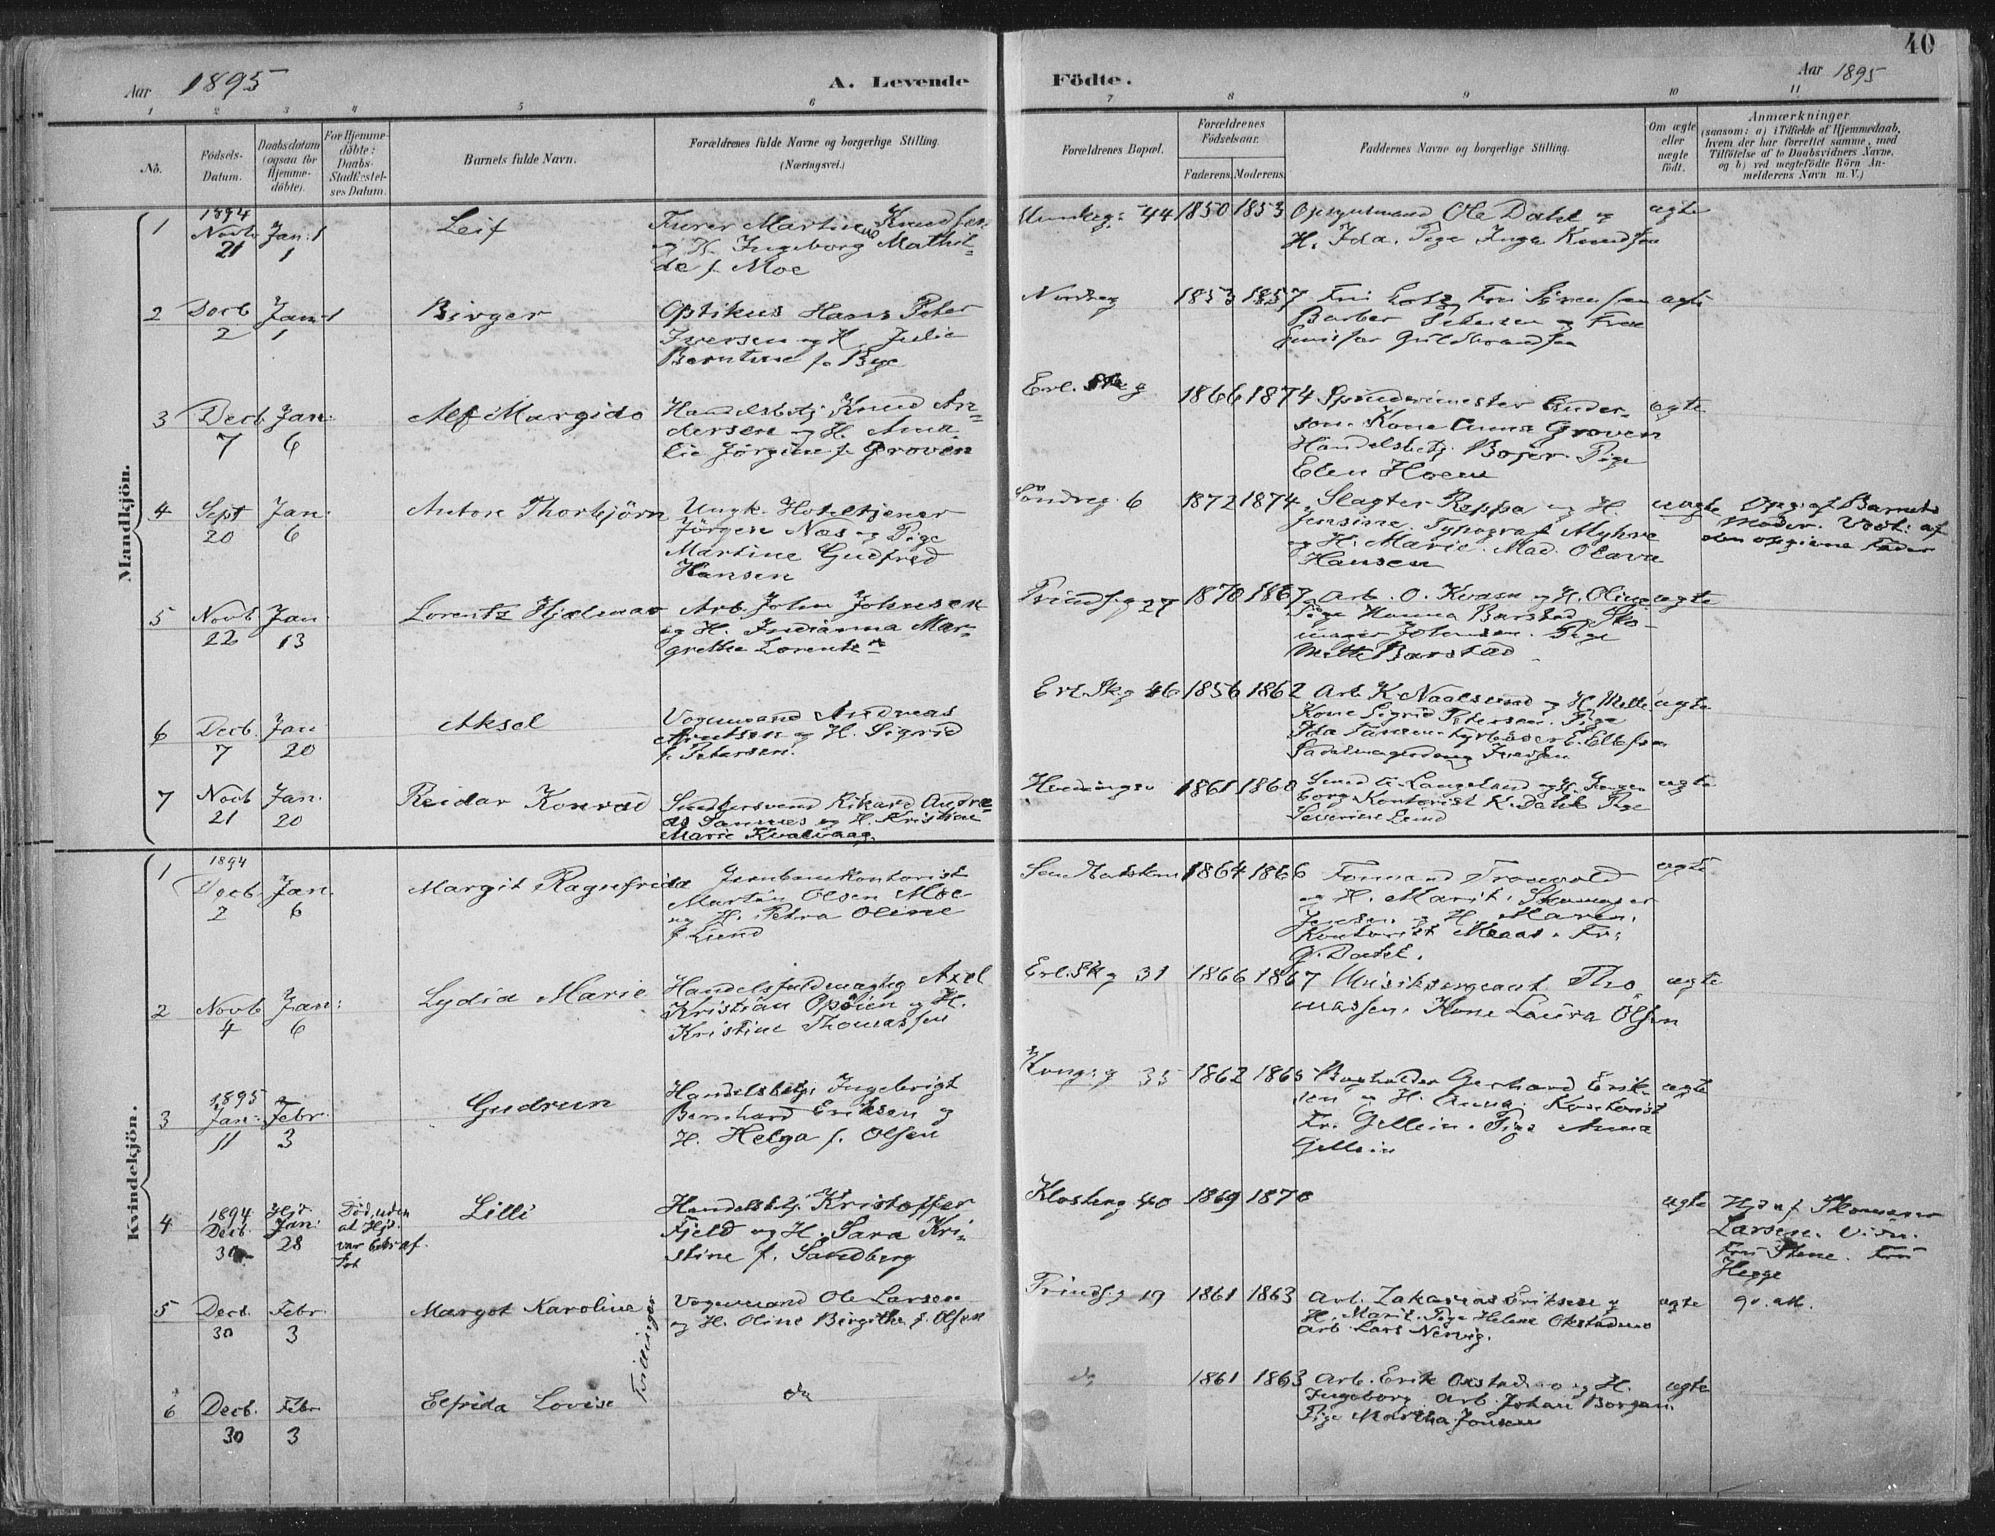 SAT, Ministerialprotokoller, klokkerbøker og fødselsregistre - Sør-Trøndelag, 601/L0062: Ministerialbok nr. 601A30, 1891-1911, s. 40